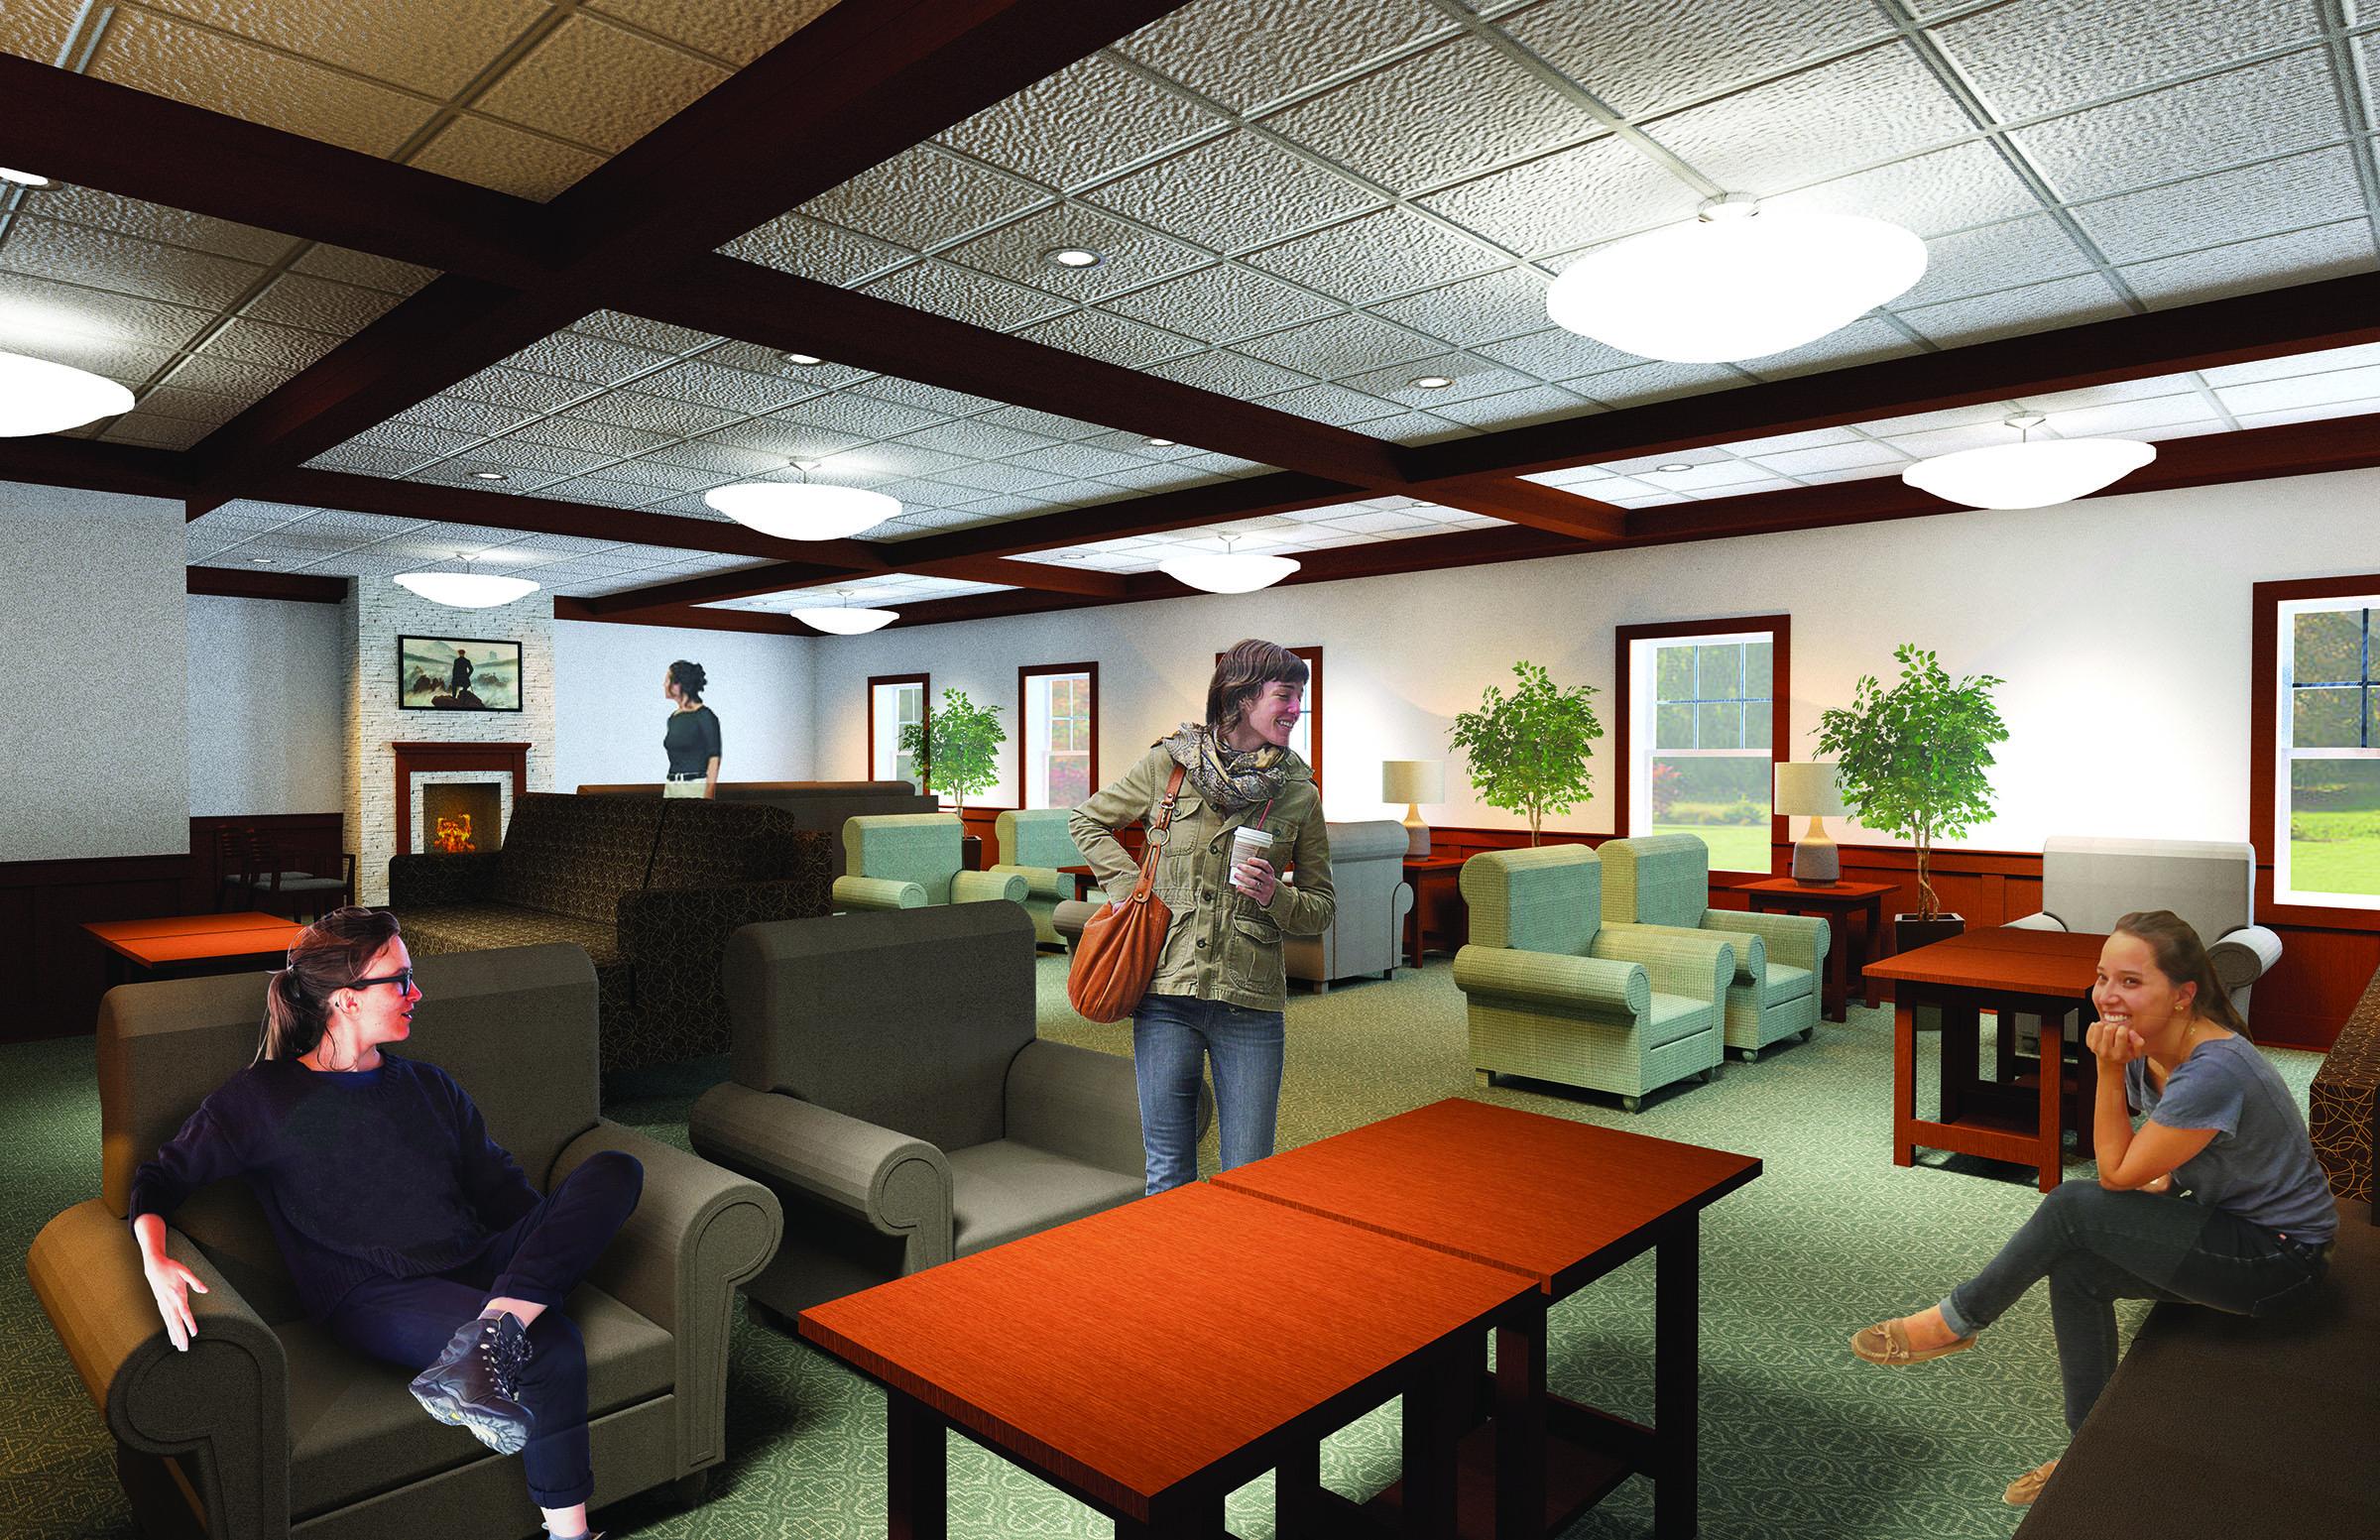 Meeting Room - Reduced.jpg